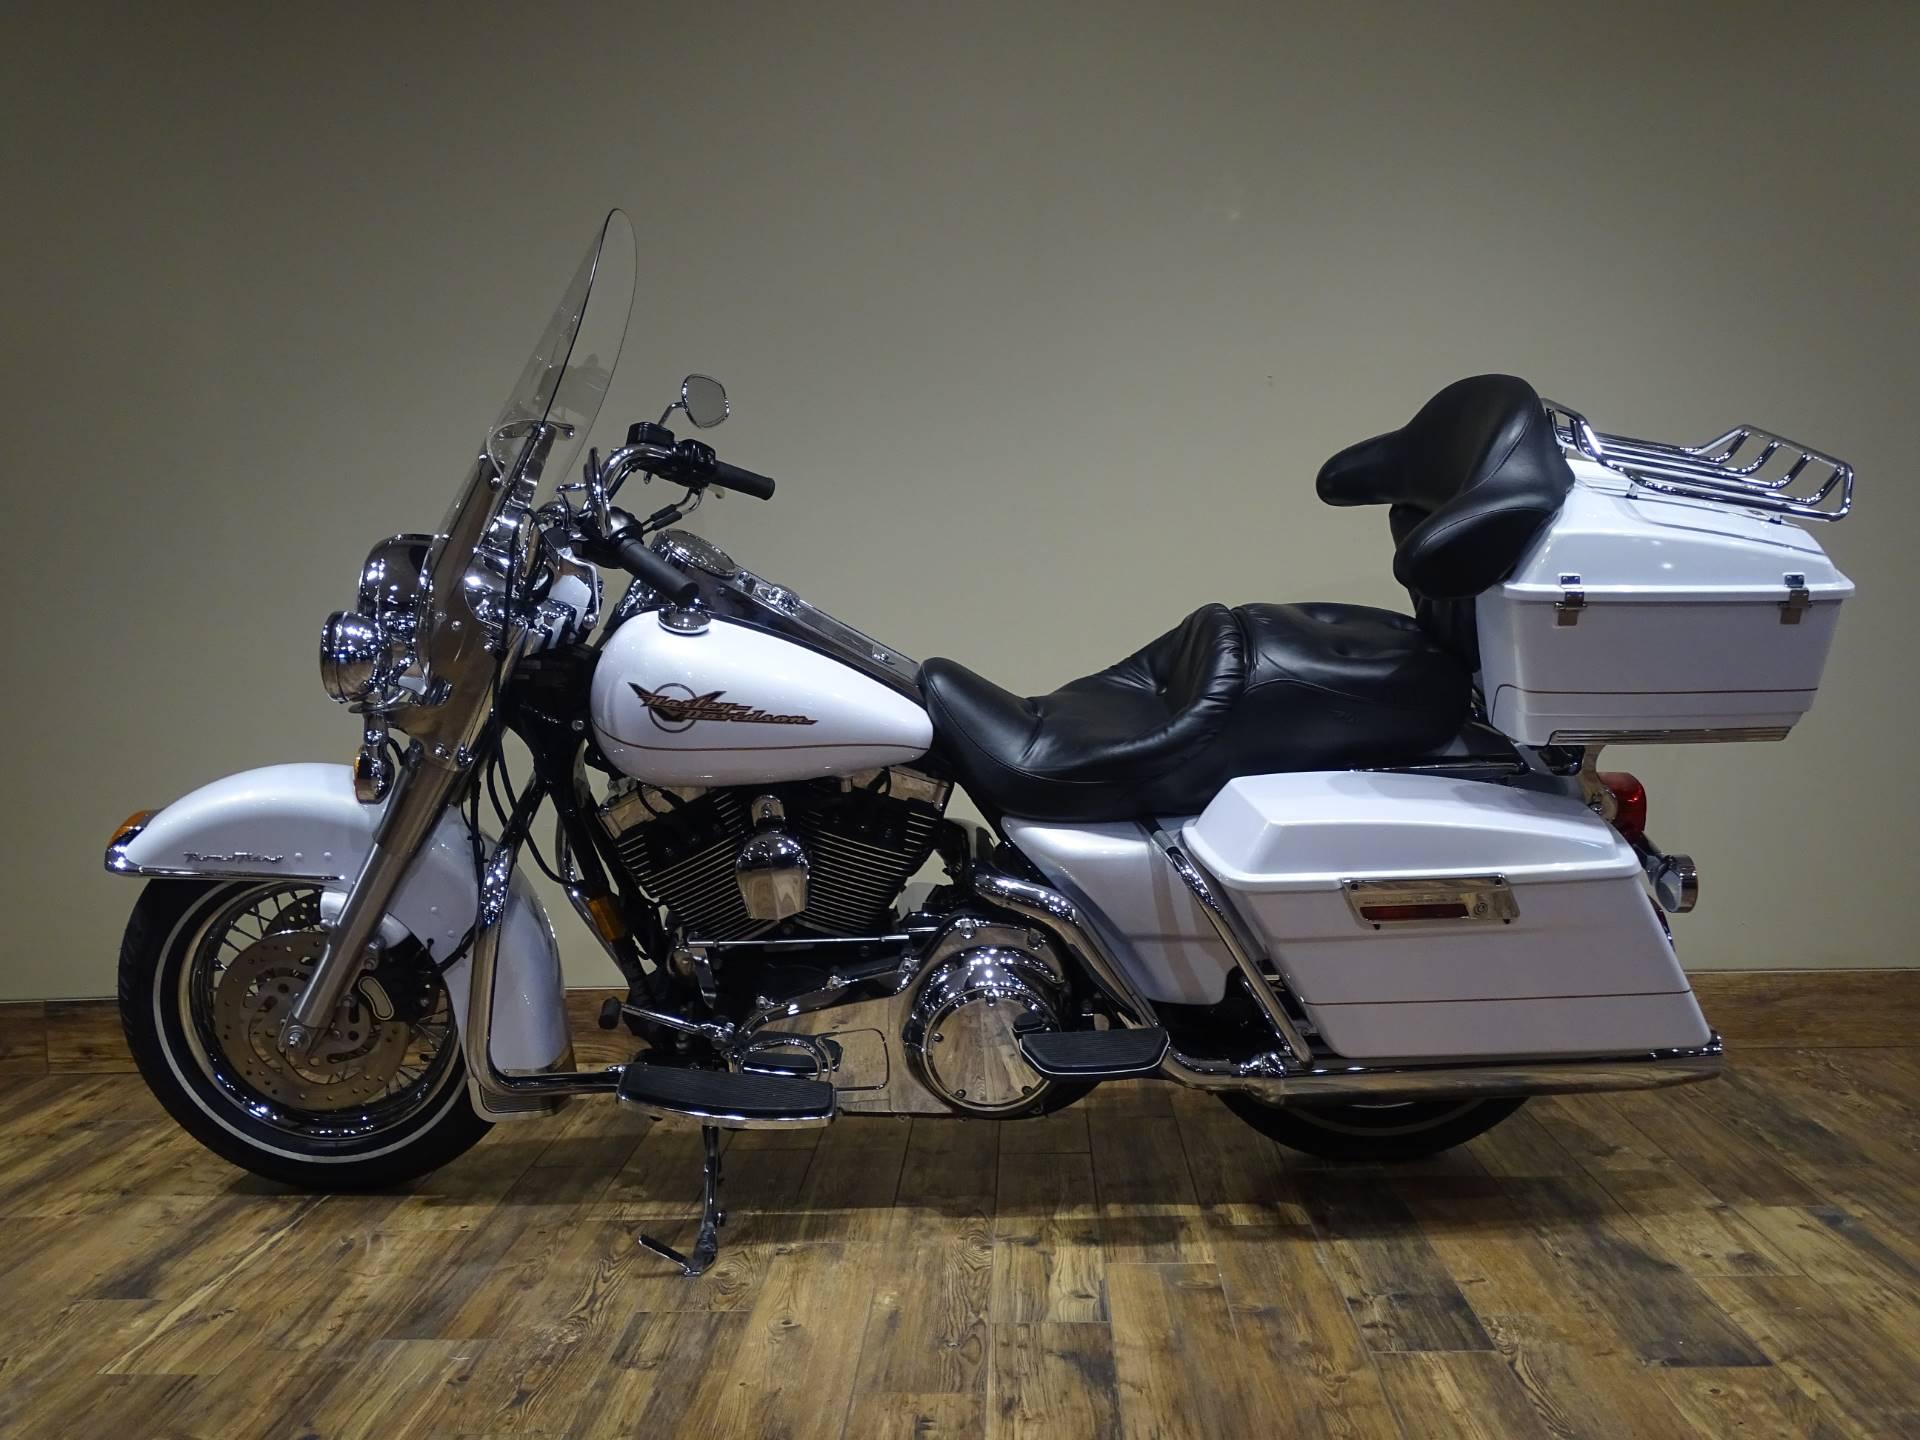 2007 Harley-Davidson FLHR Road King 2